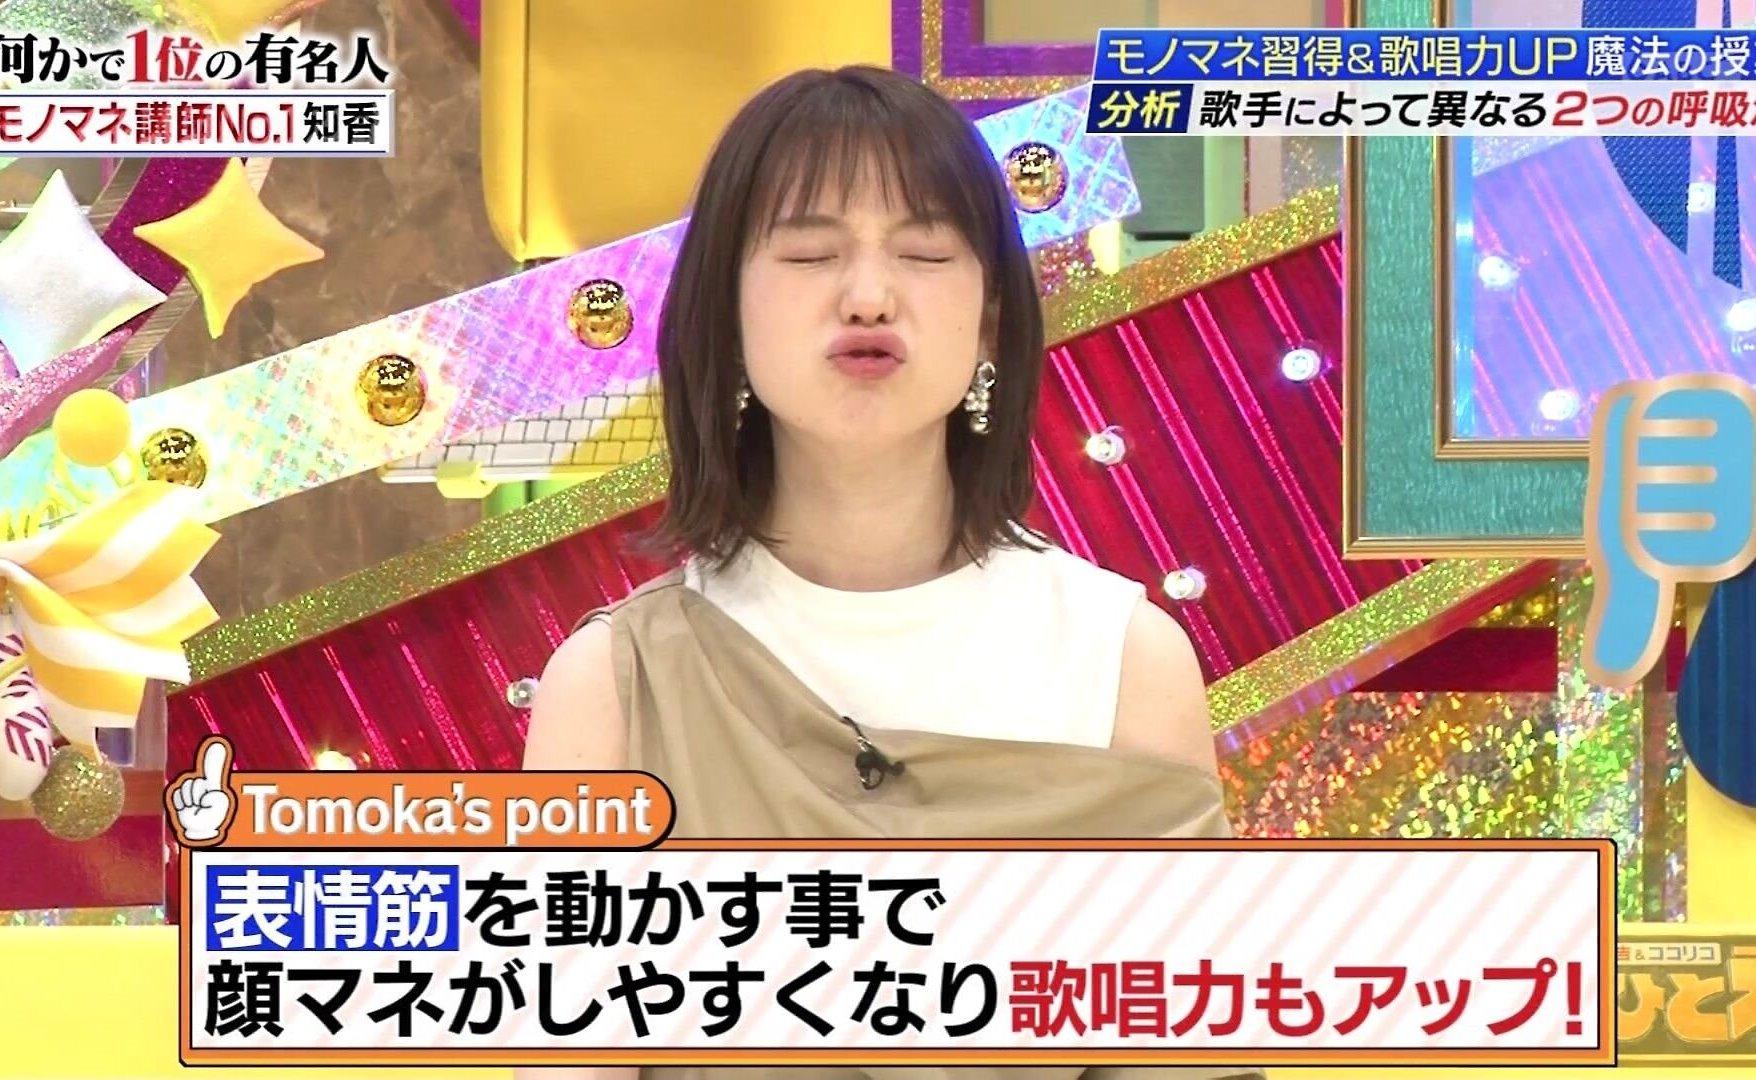 弘中綾香の変顔&舌出し (2)